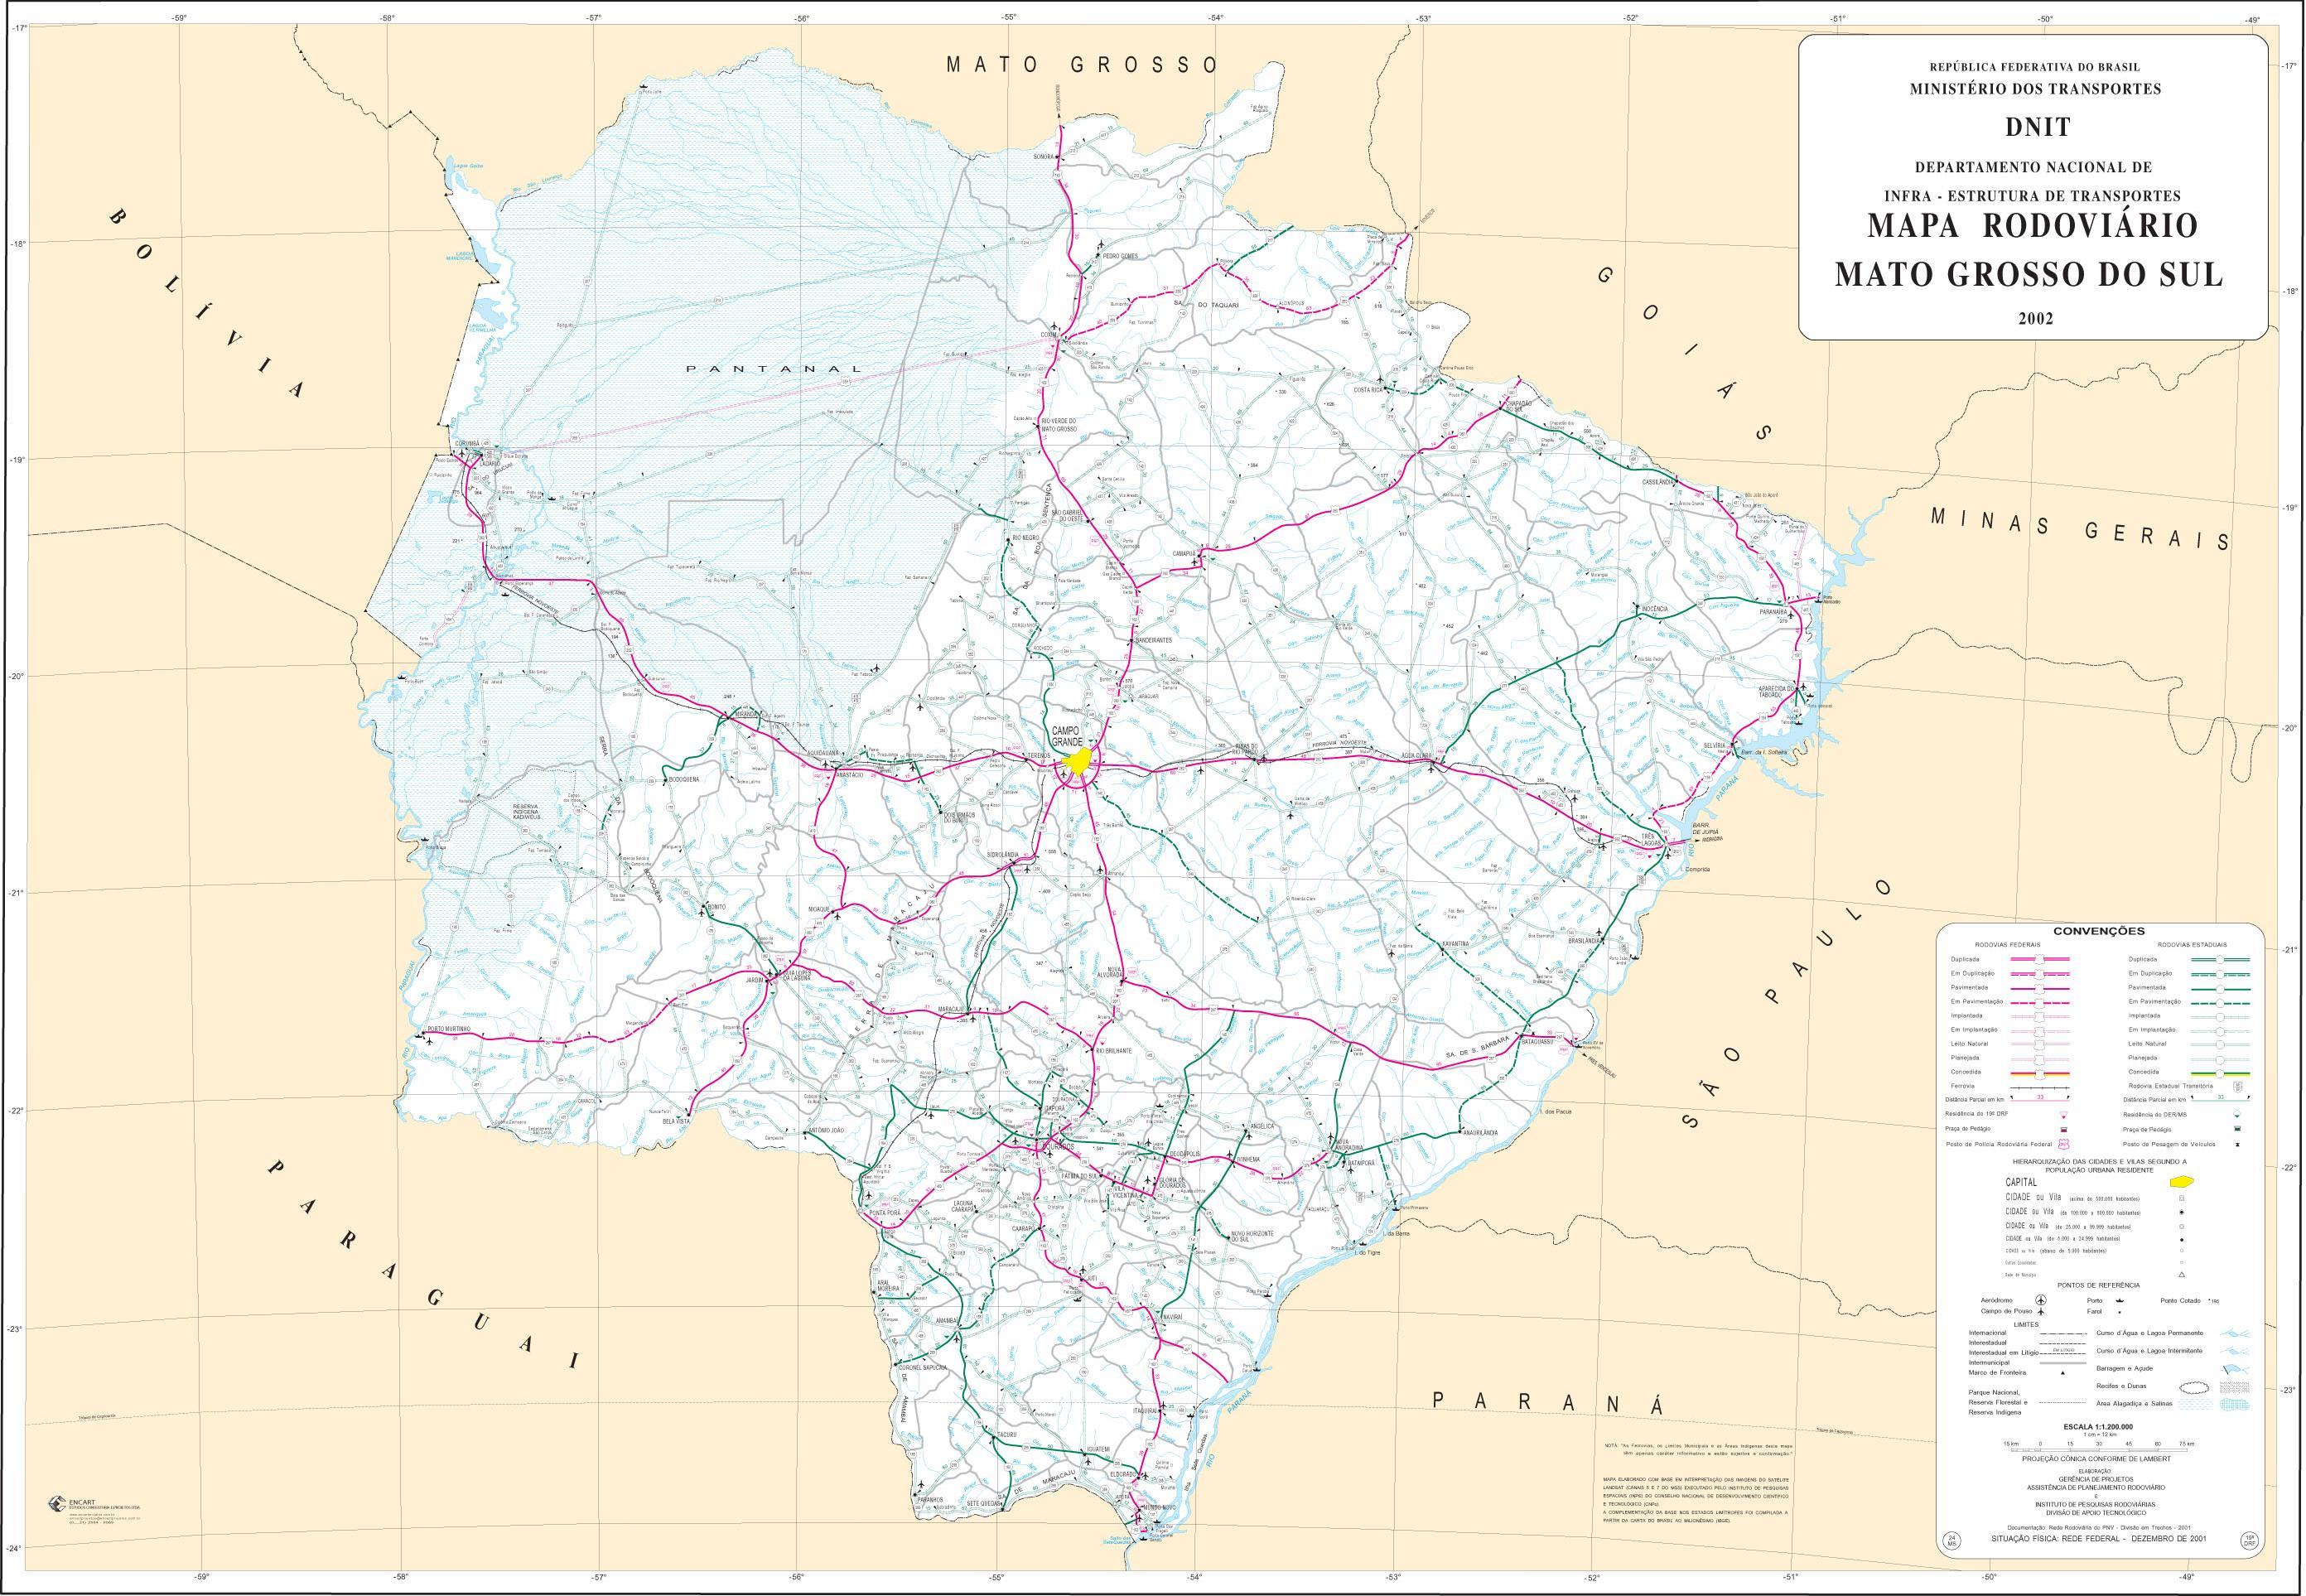 Mapa de Carreteras Federales y Estatales del Edo. de Mato Grosso do Sul